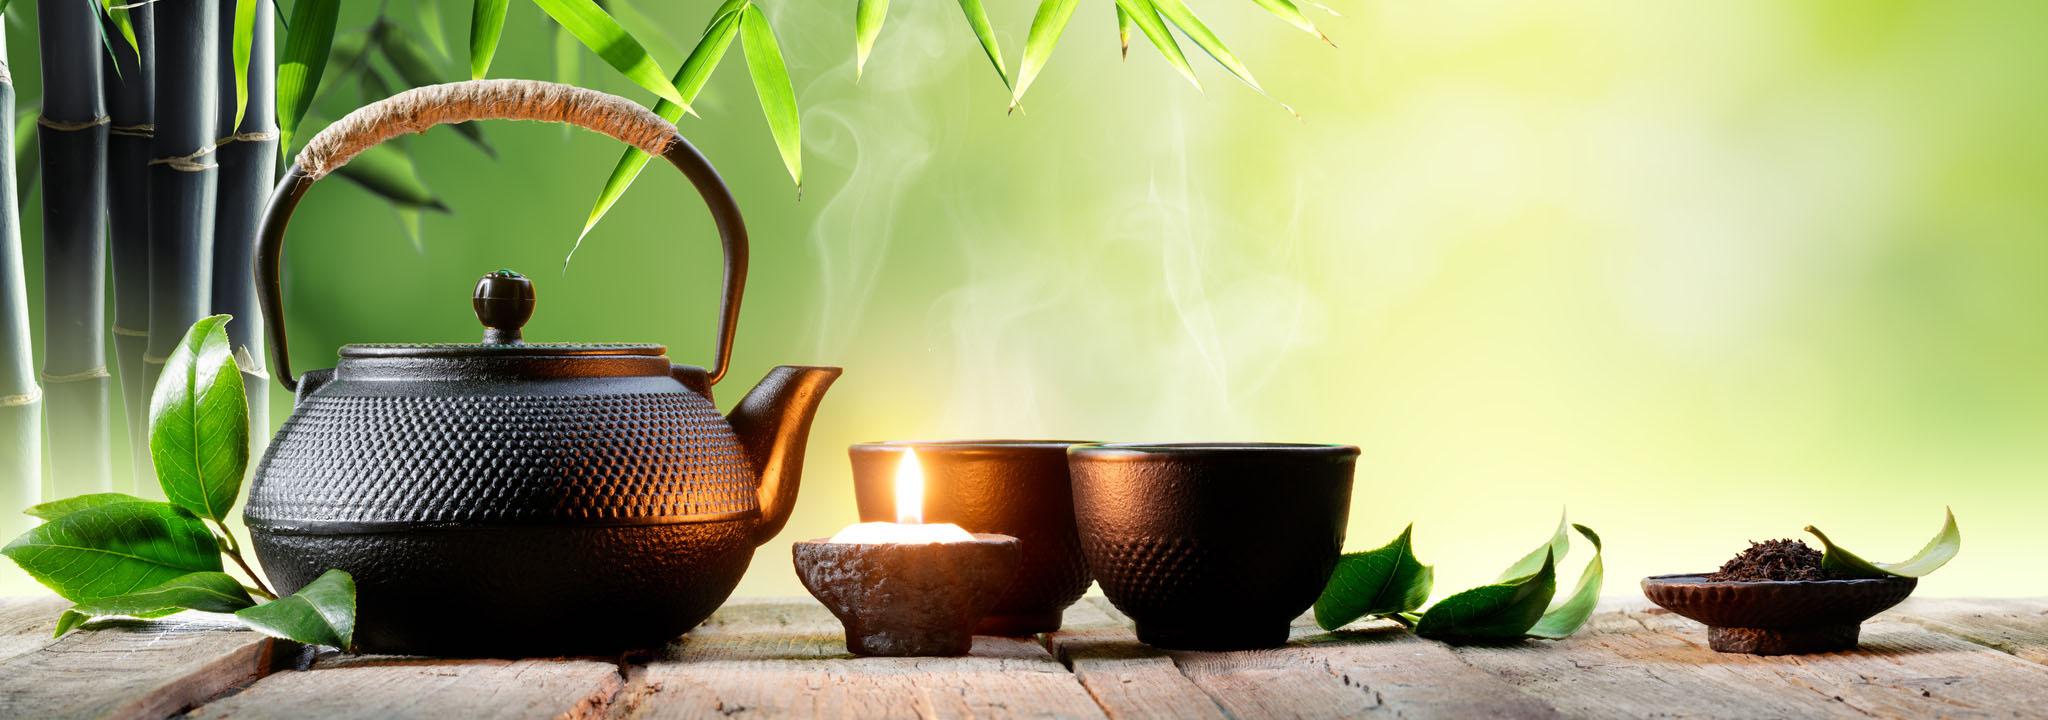 Fernoestliche Teerituale – Wirkung und Bedeutung